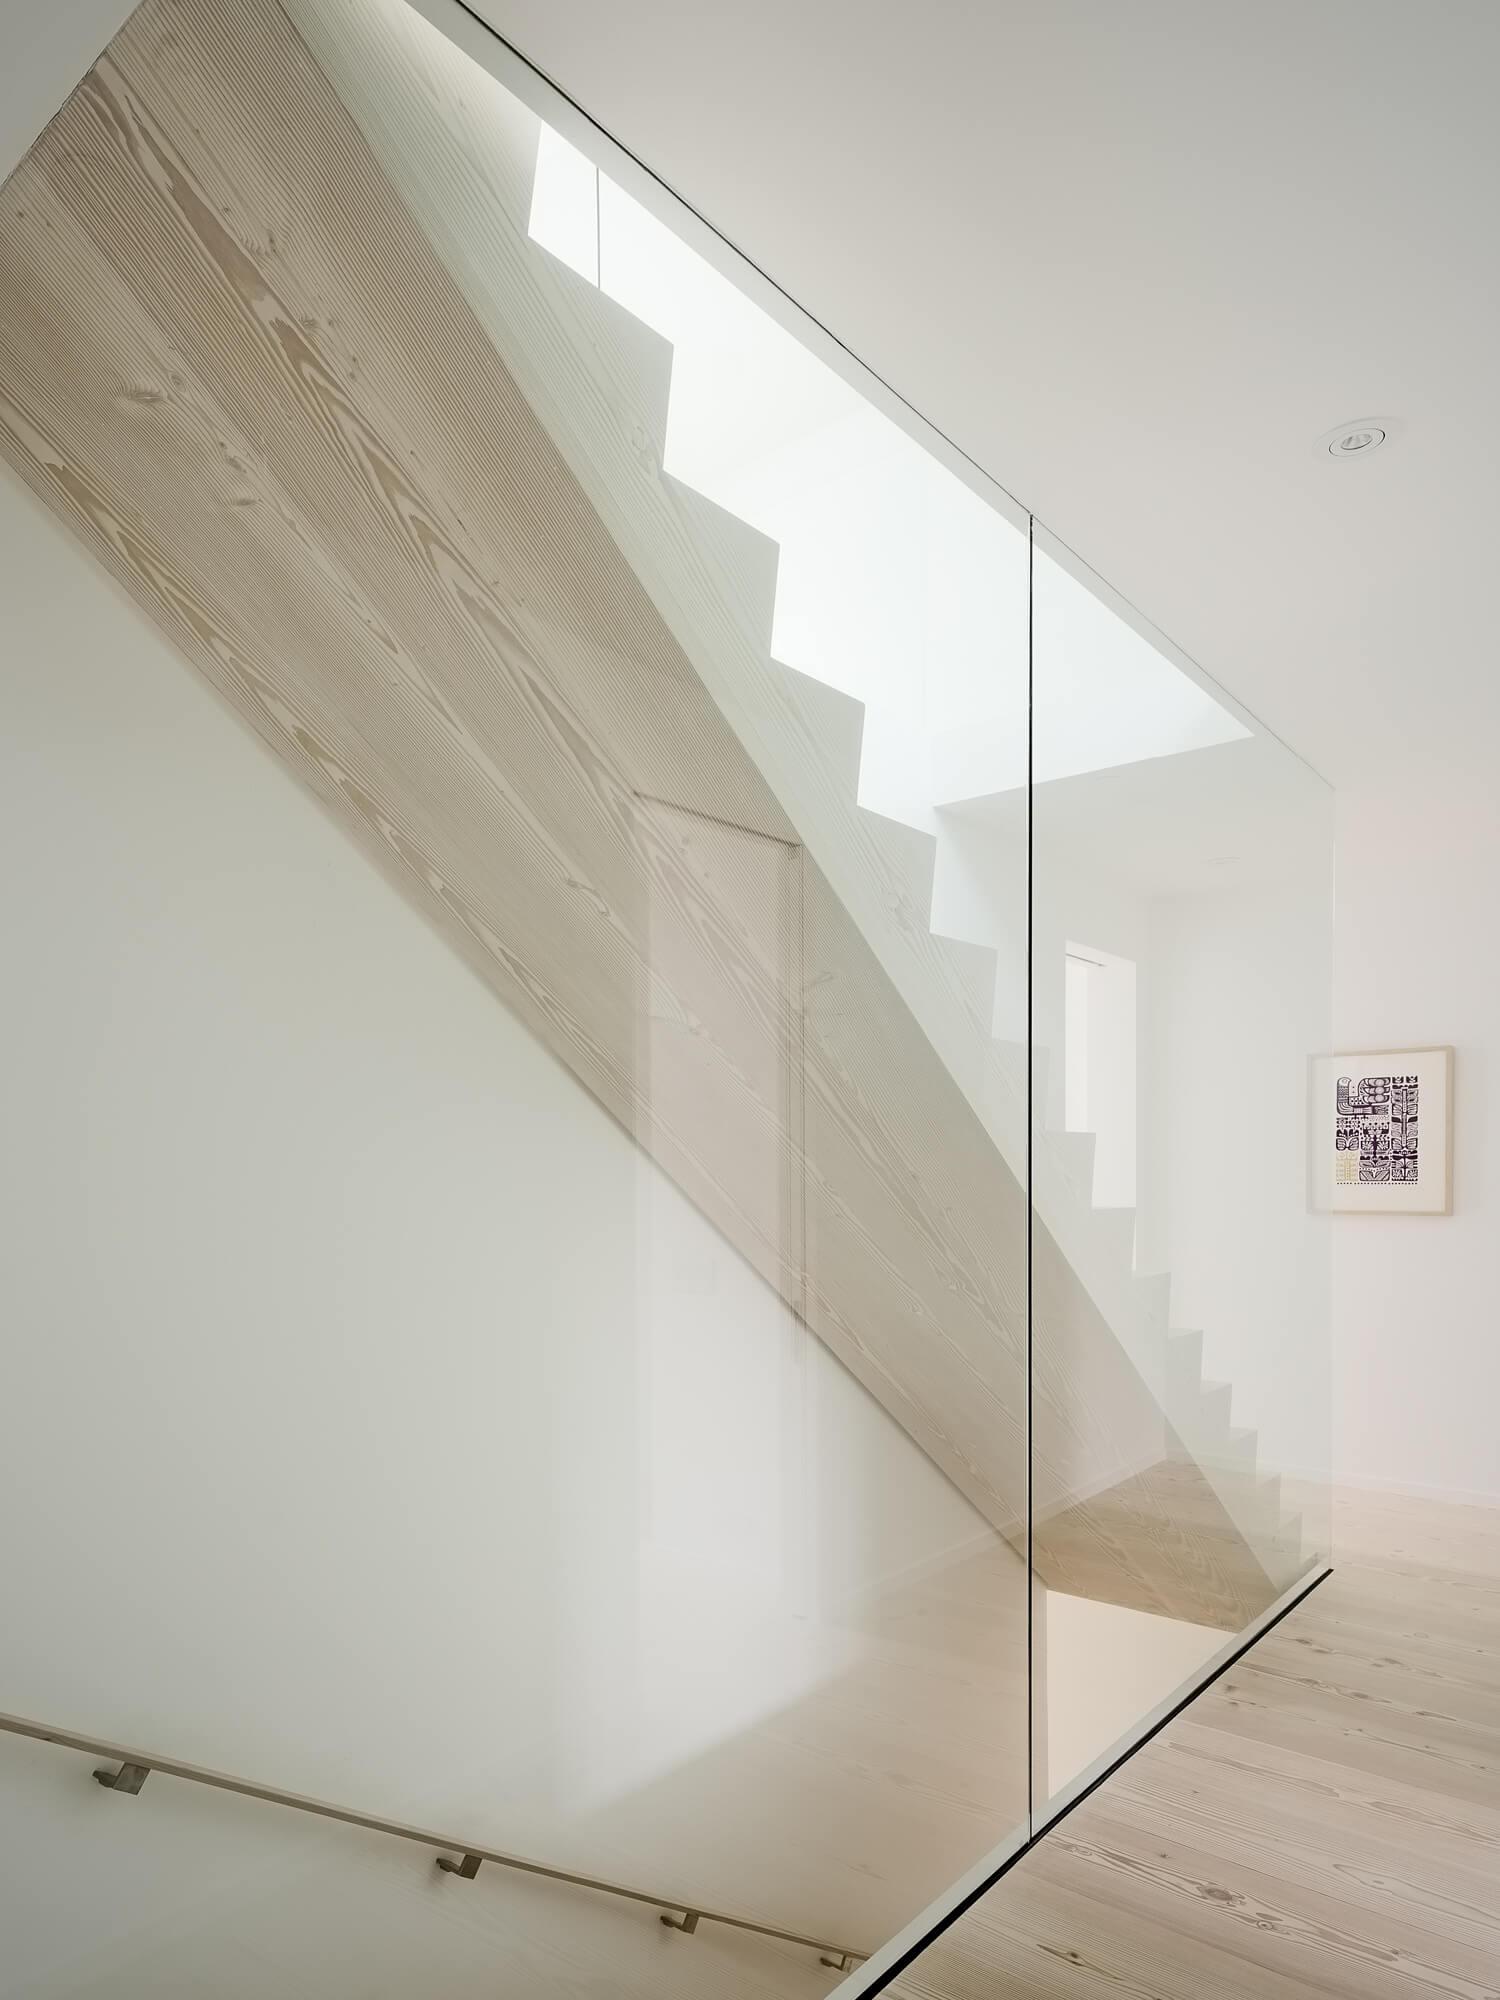 est living gable house edmonds lee architects 09